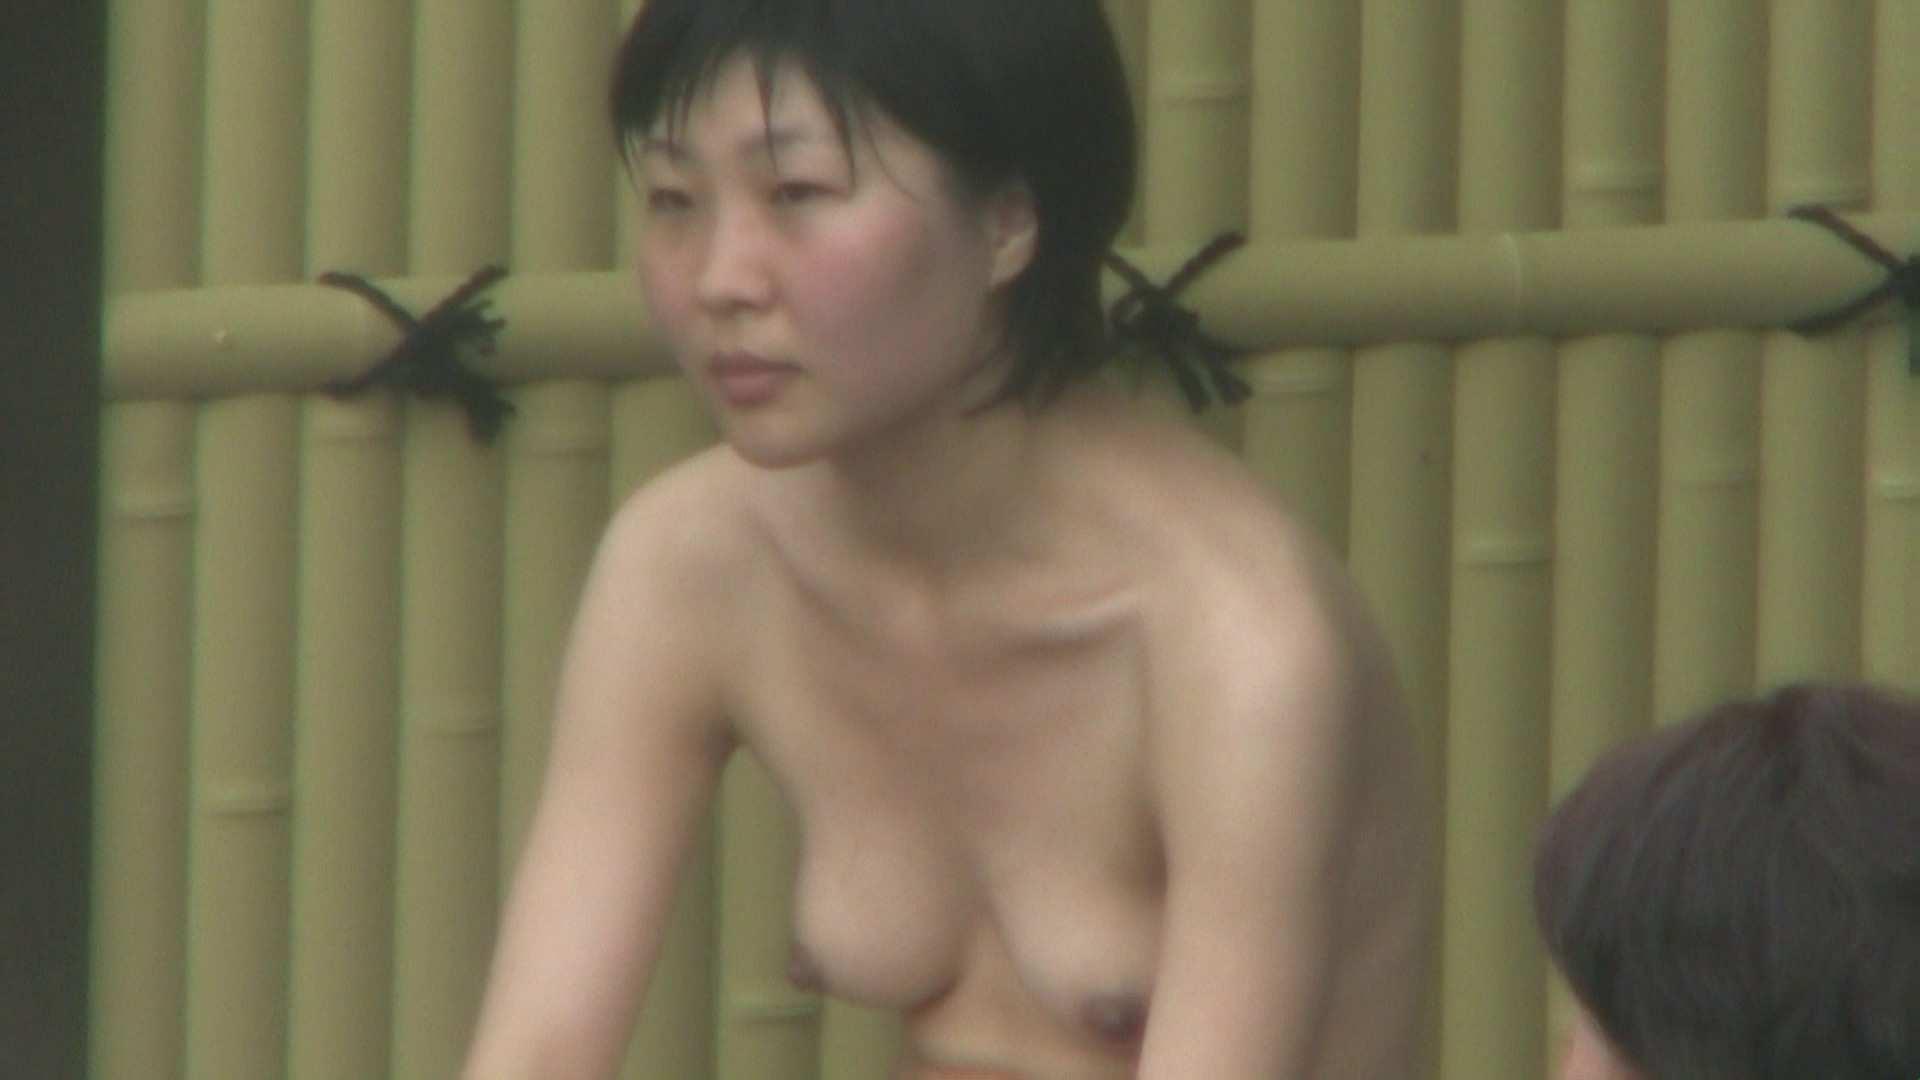 Aquaな露天風呂Vol.75【VIP限定】 美しいOLの裸体  107pic 3